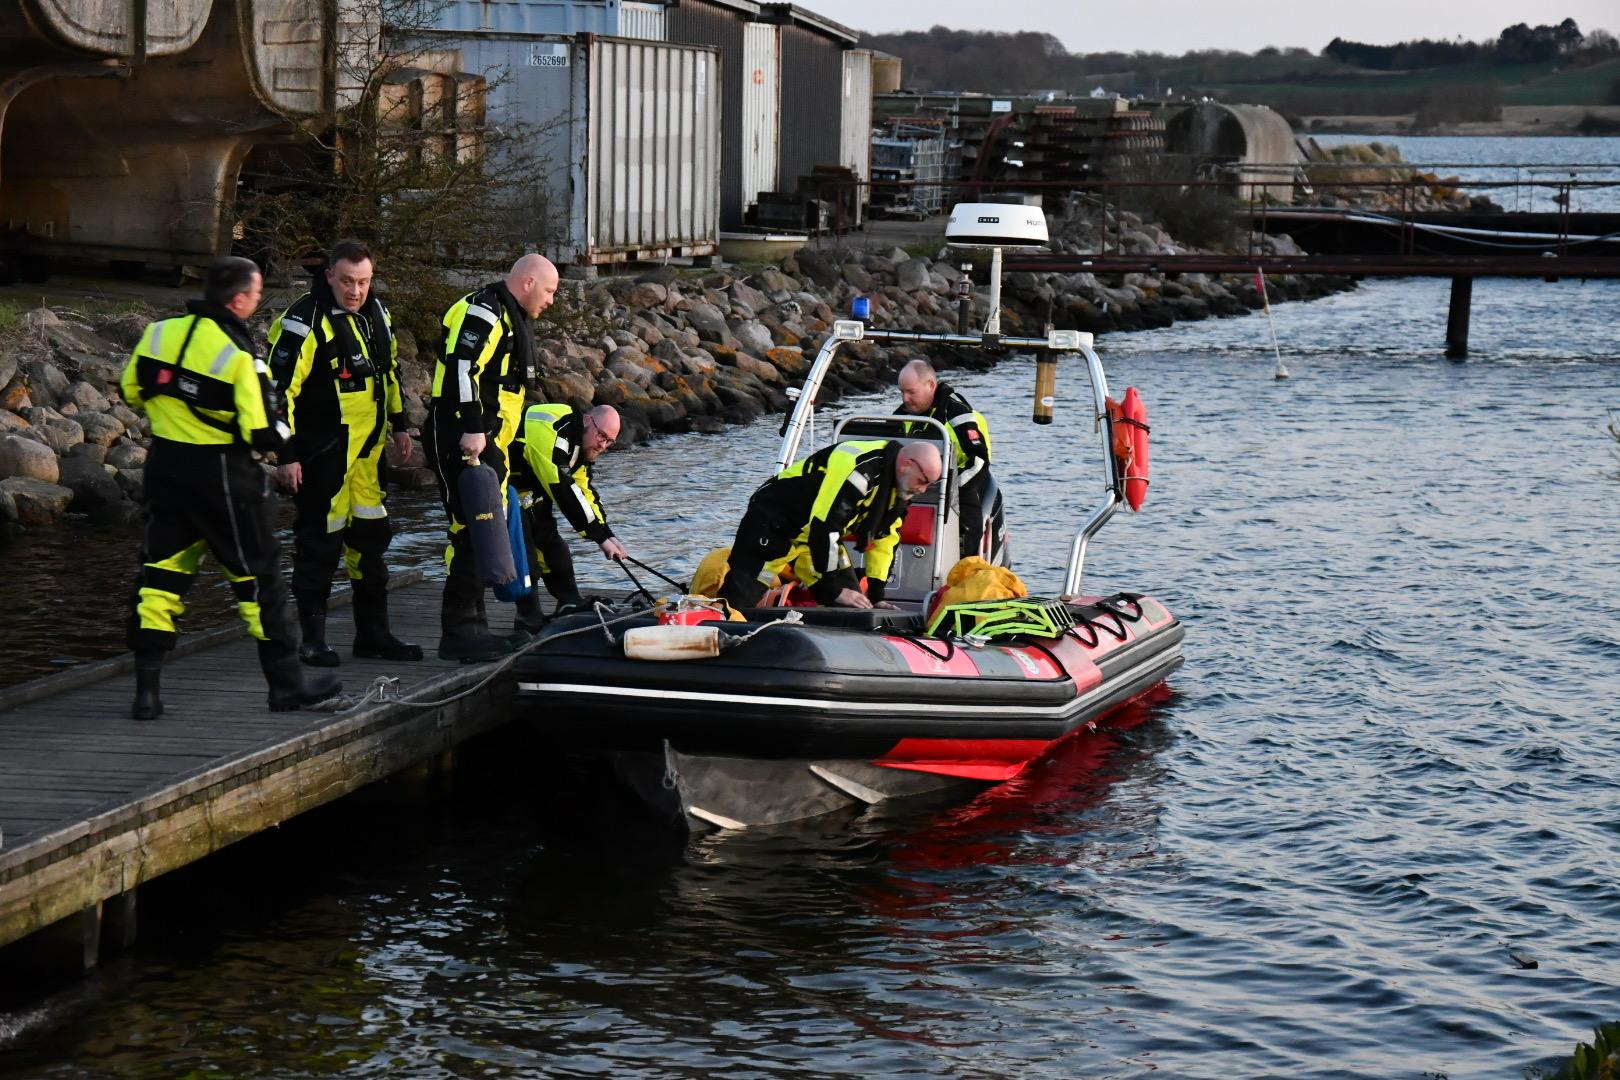 Brandfolk kaldt til Lyø - Brand i stald med dyrehold